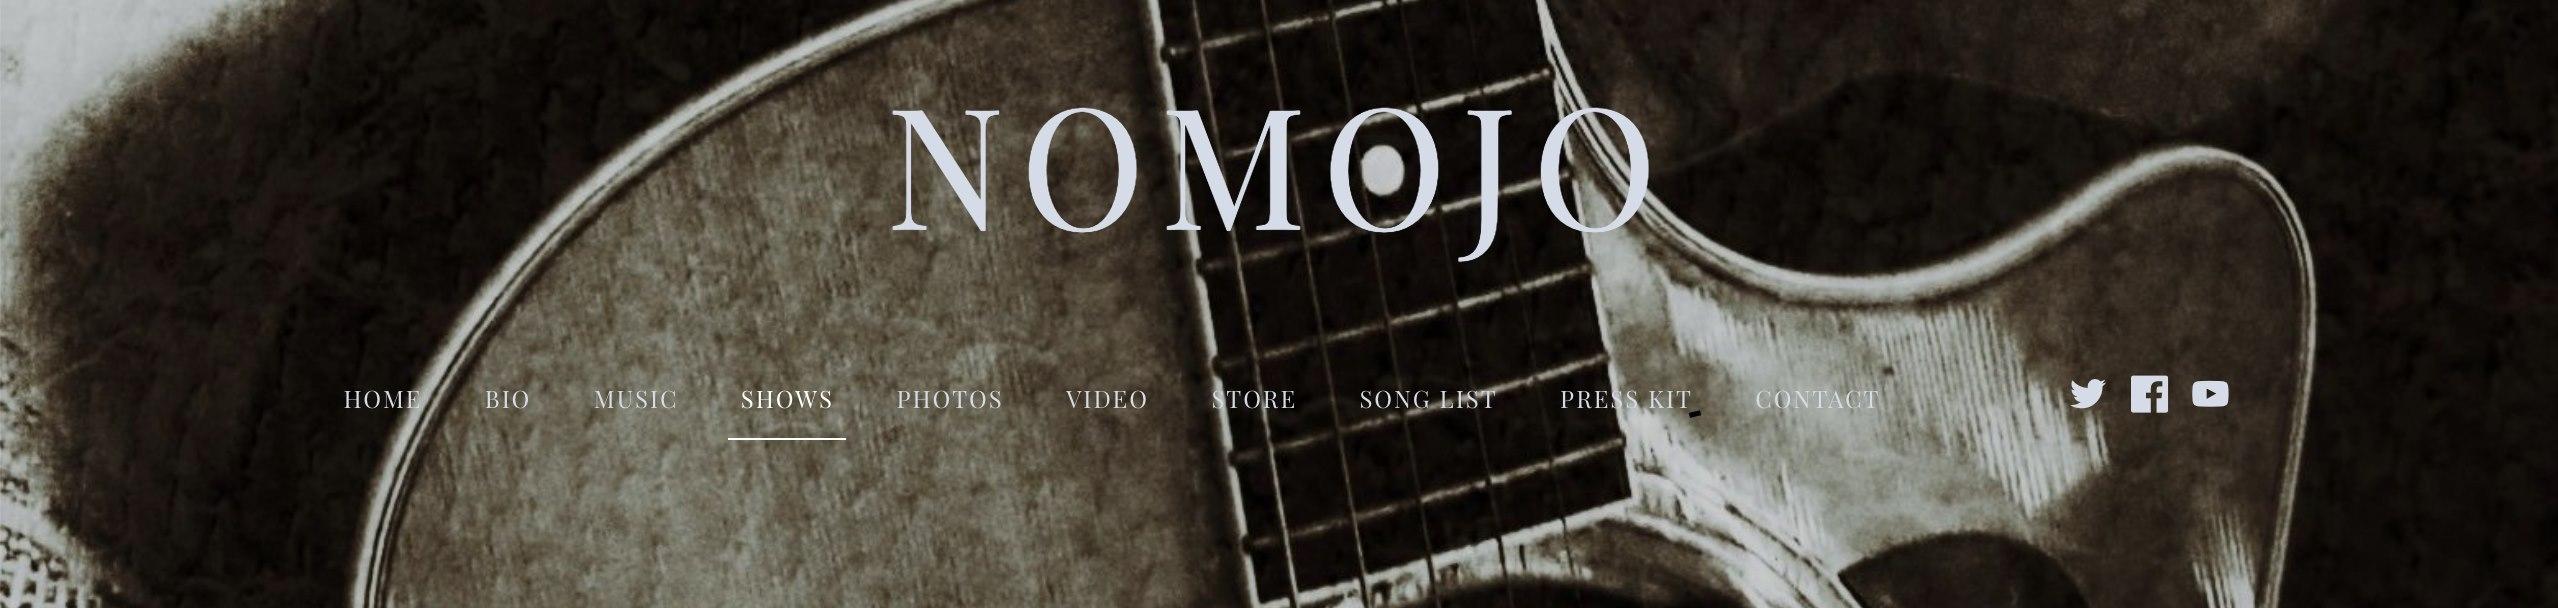 Nomojo (@thejamshop) Cover Image